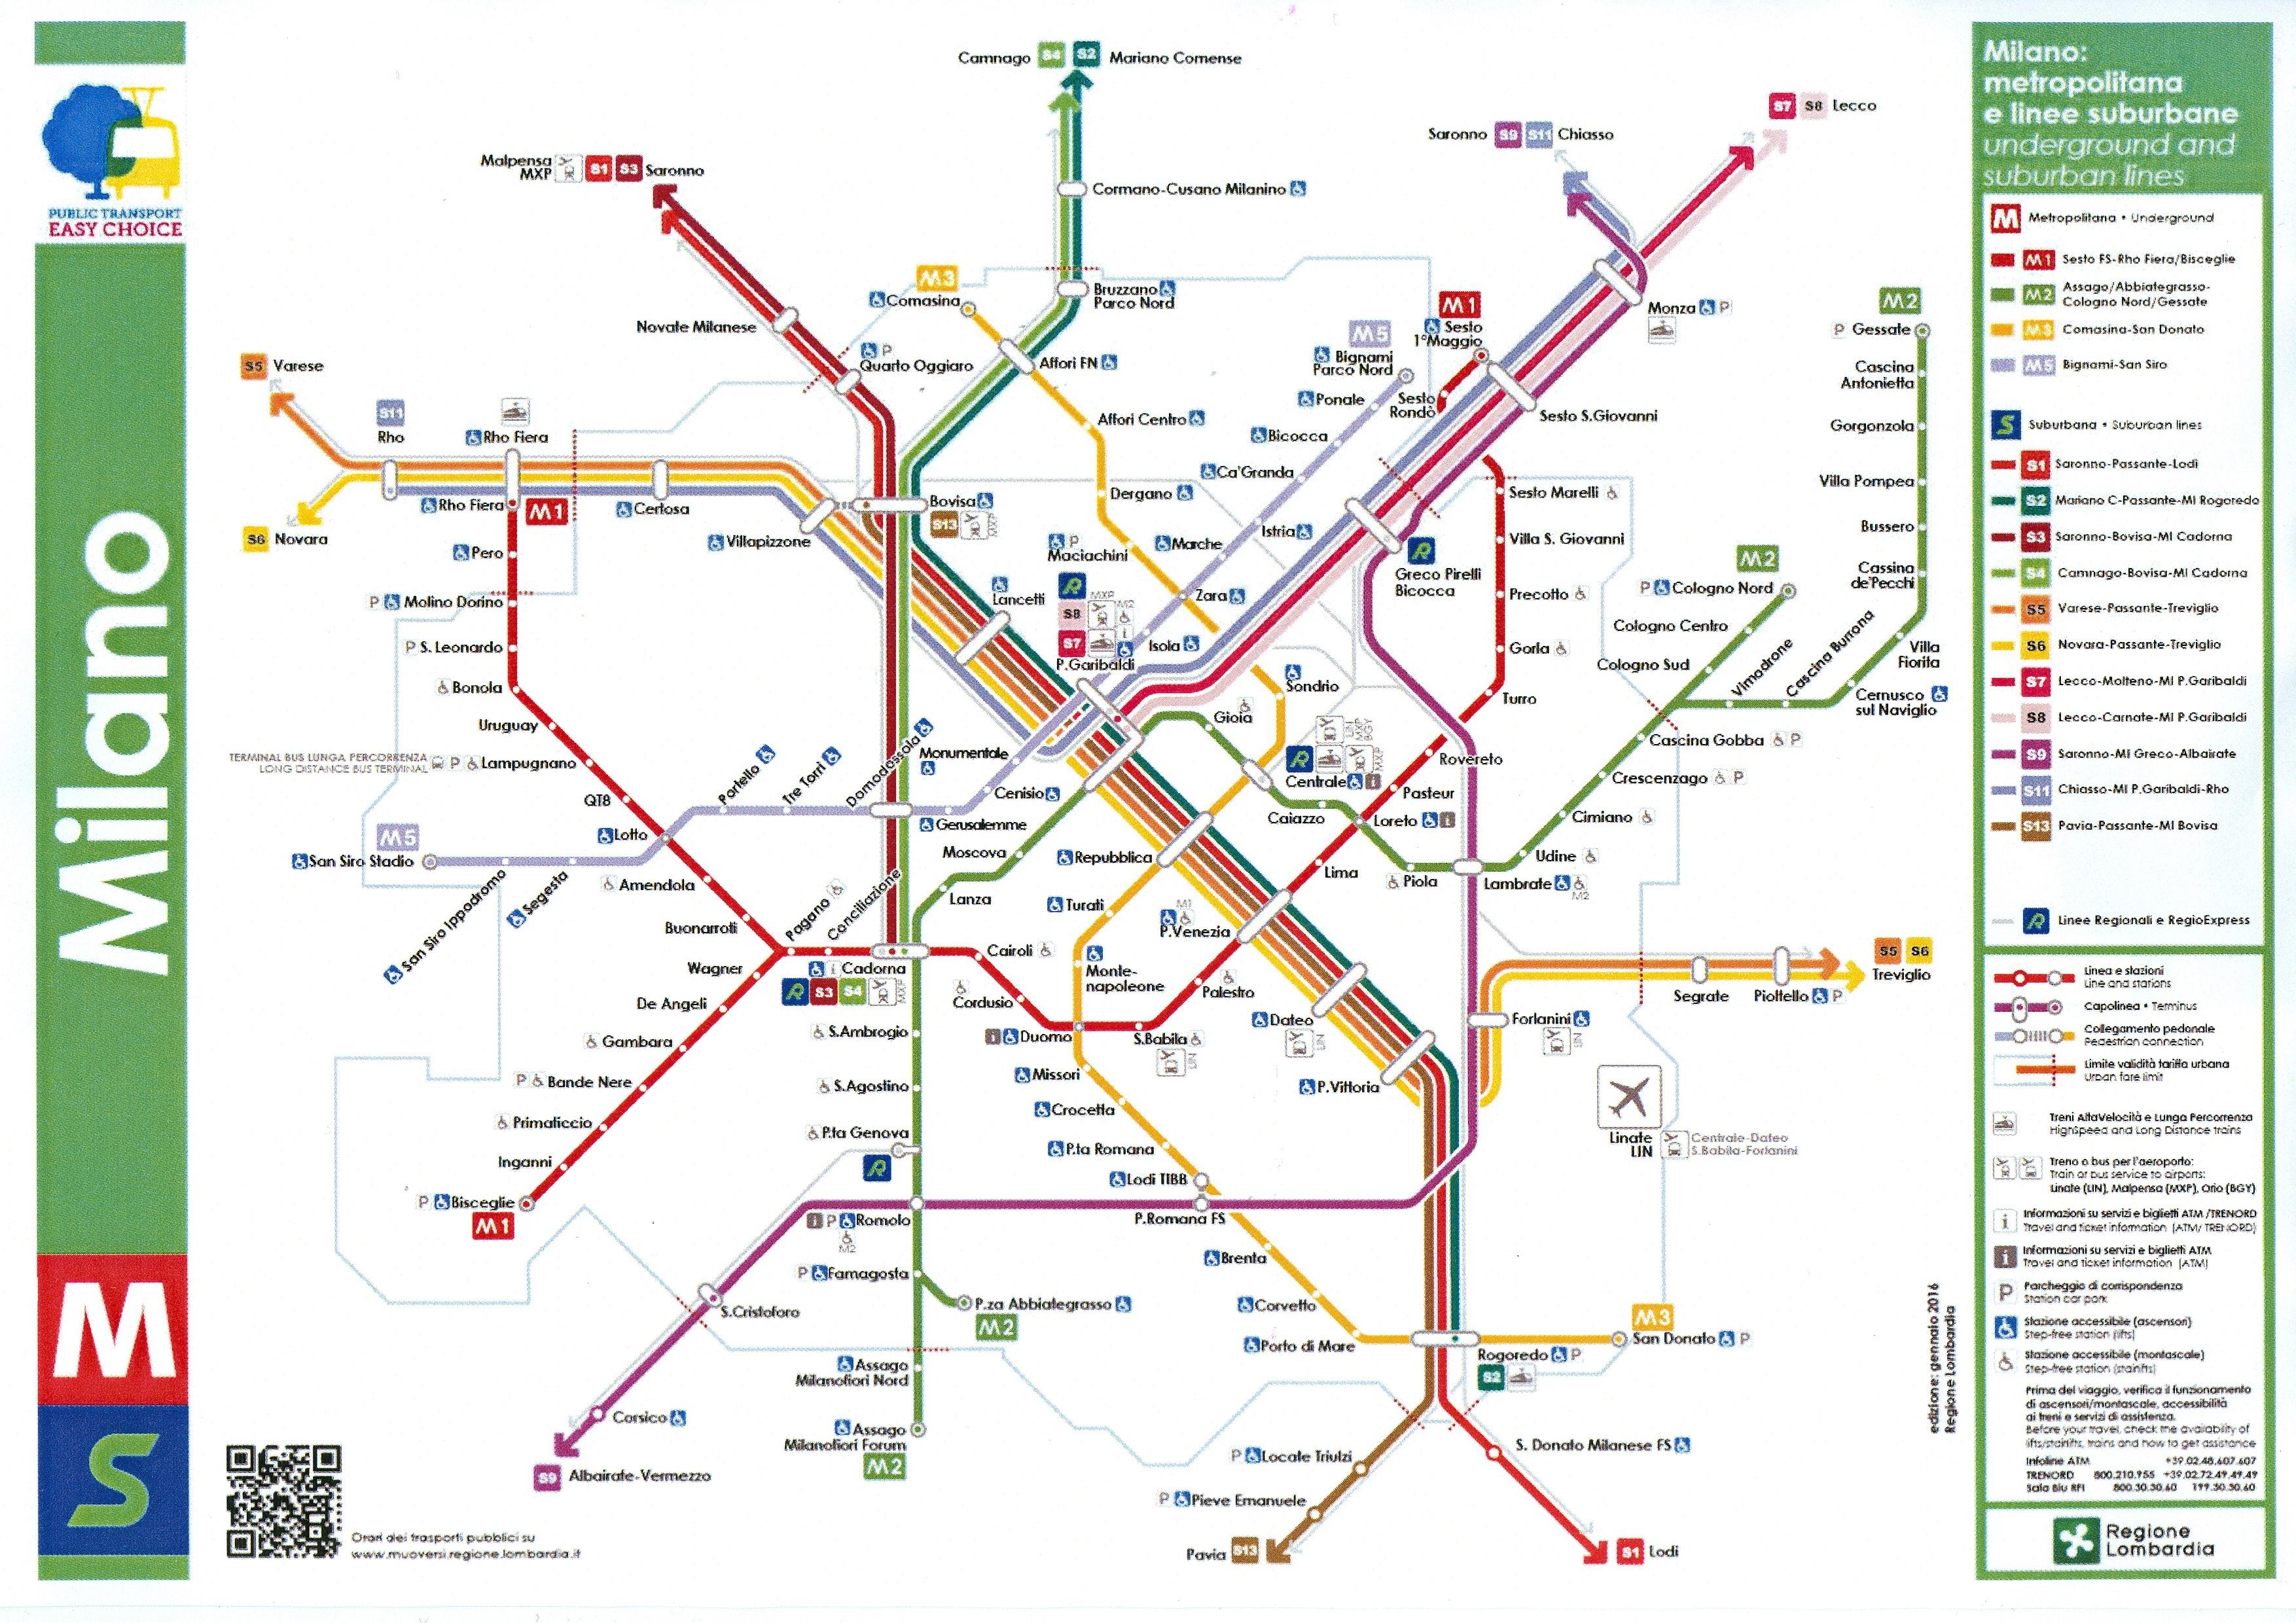 S-Bahn Mailand Karte Bild